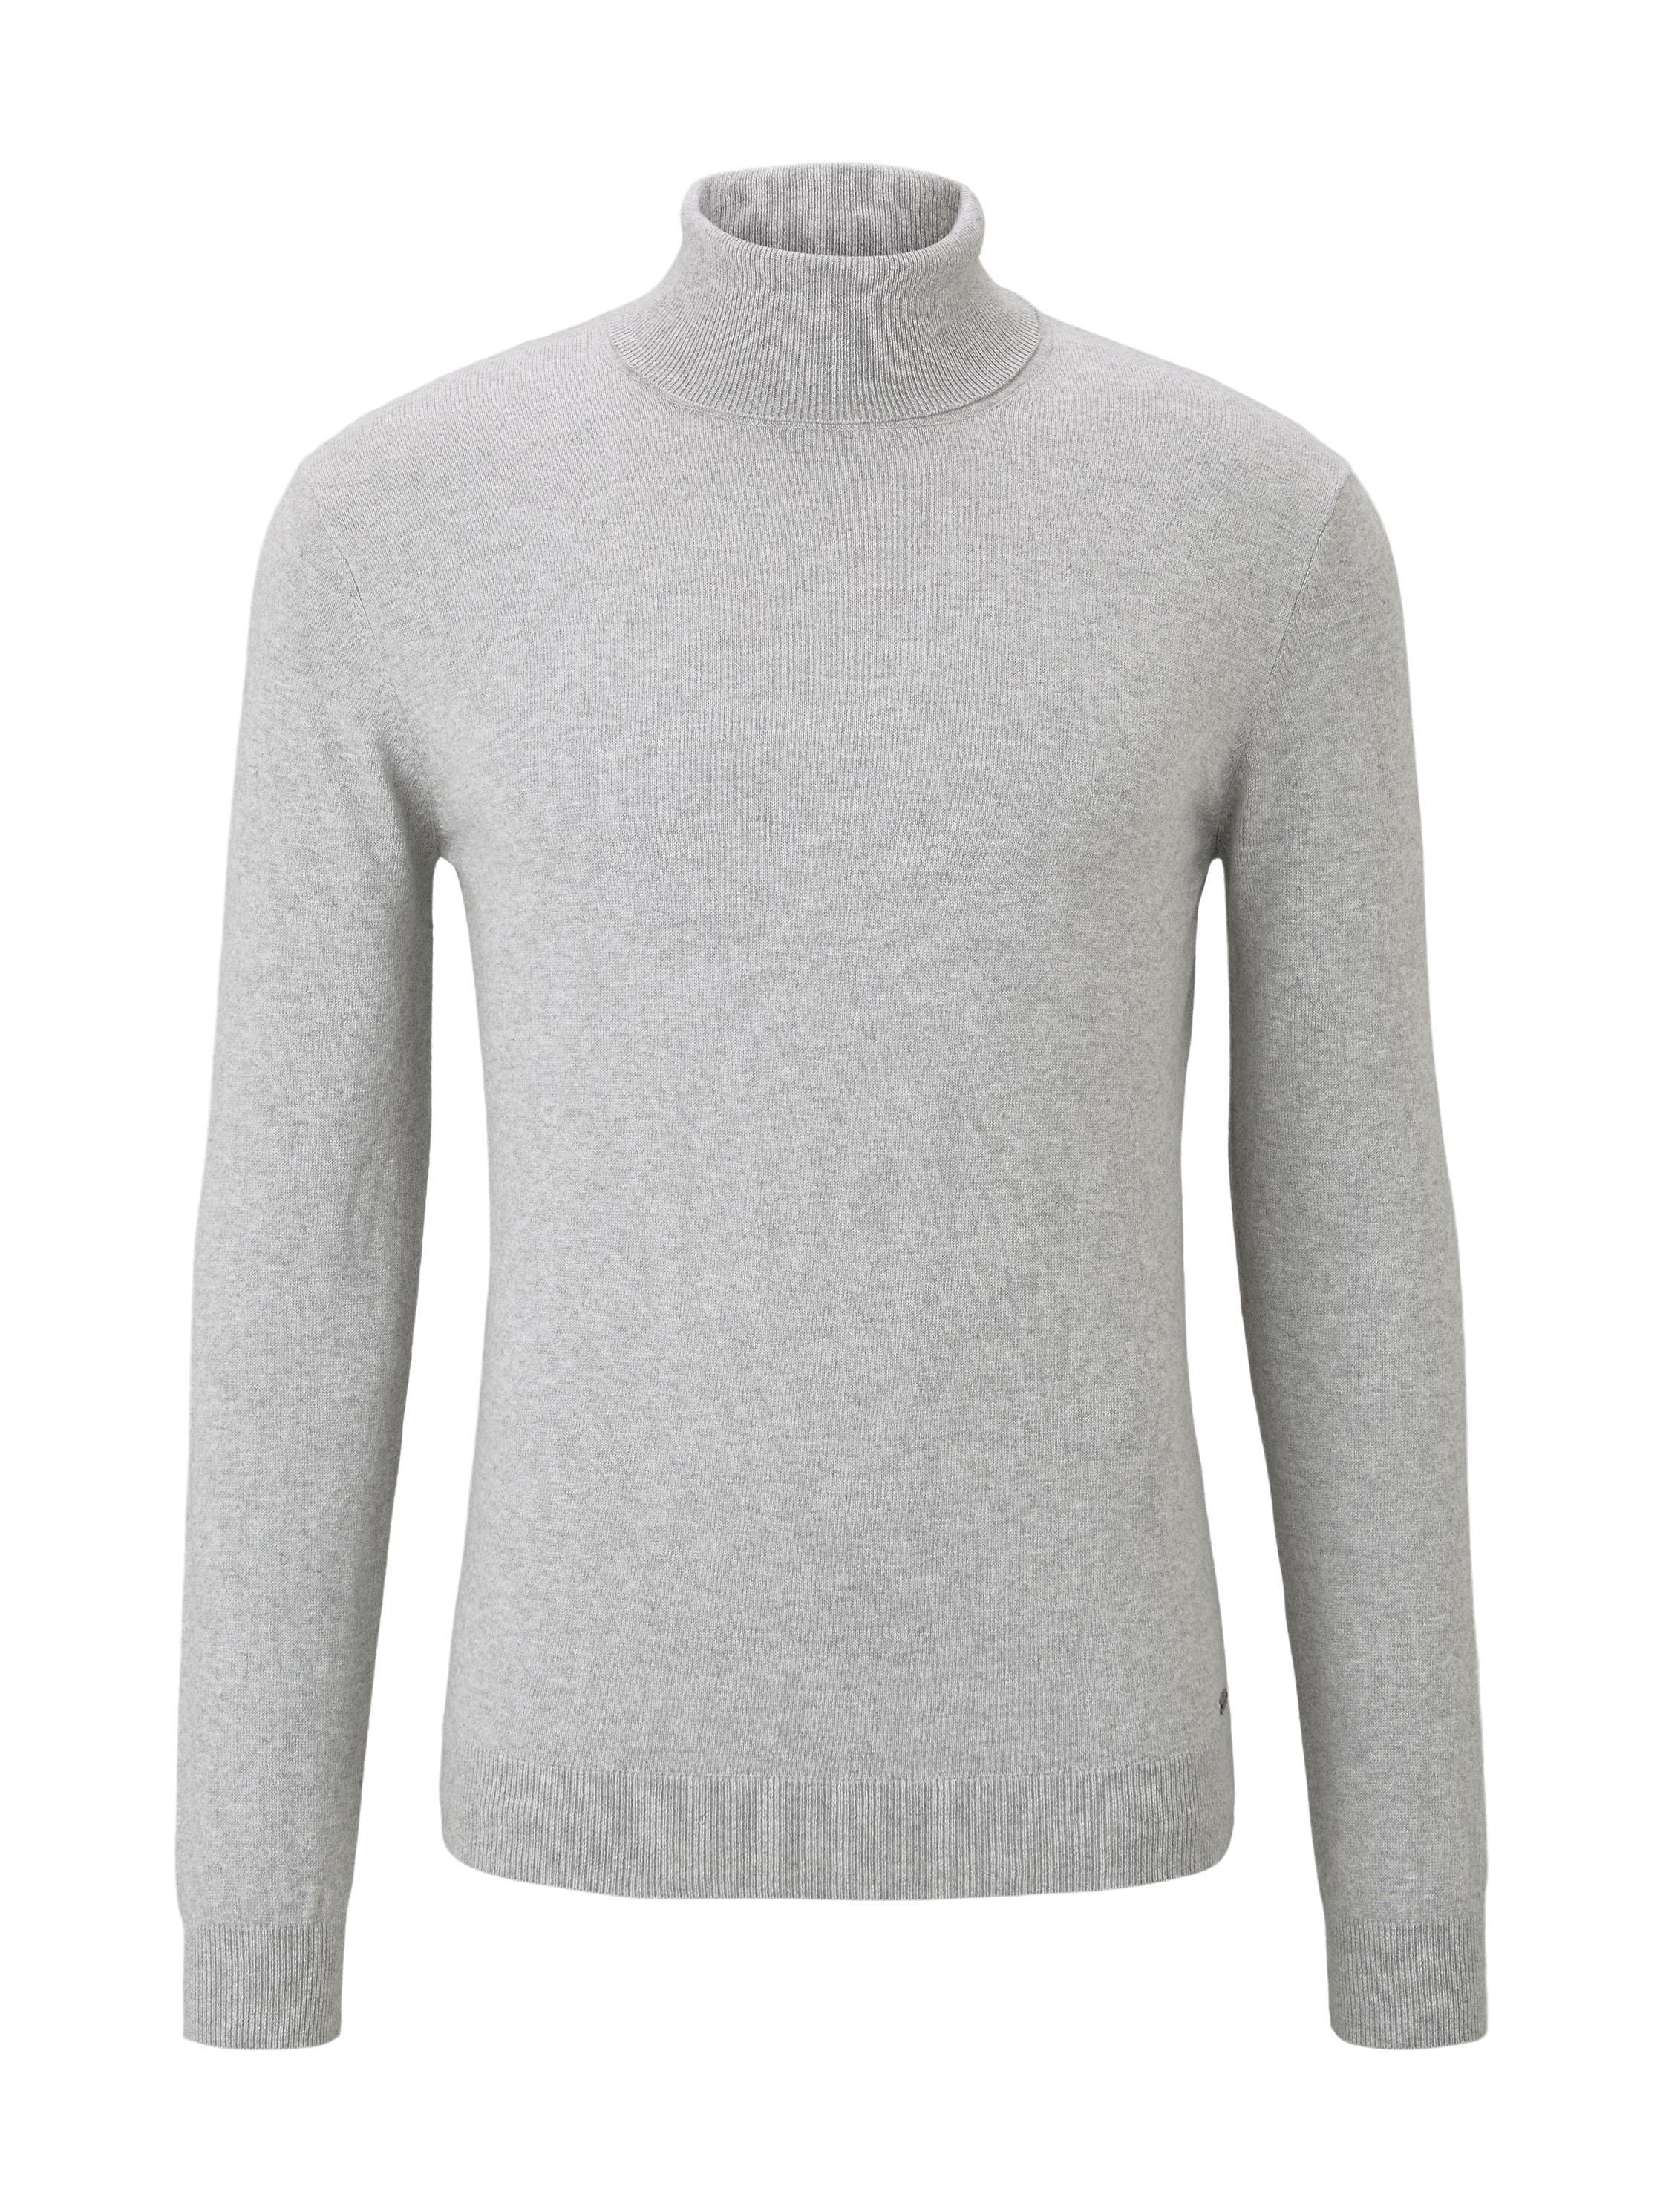 cashmere blend turtle neck, smooth grey melange           Grey,